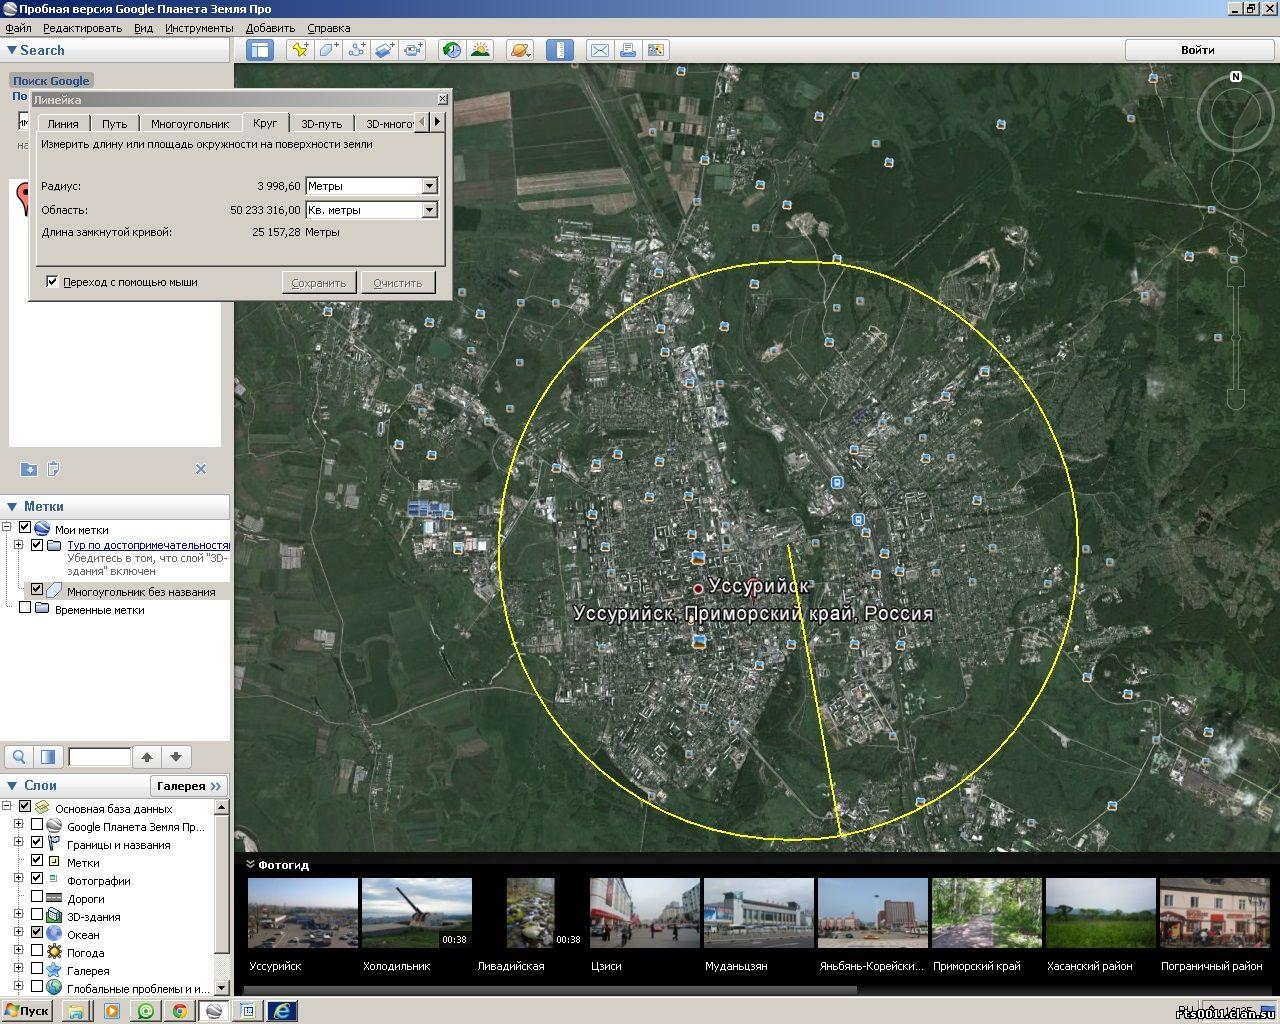 Фотографии со спутника гугл земля